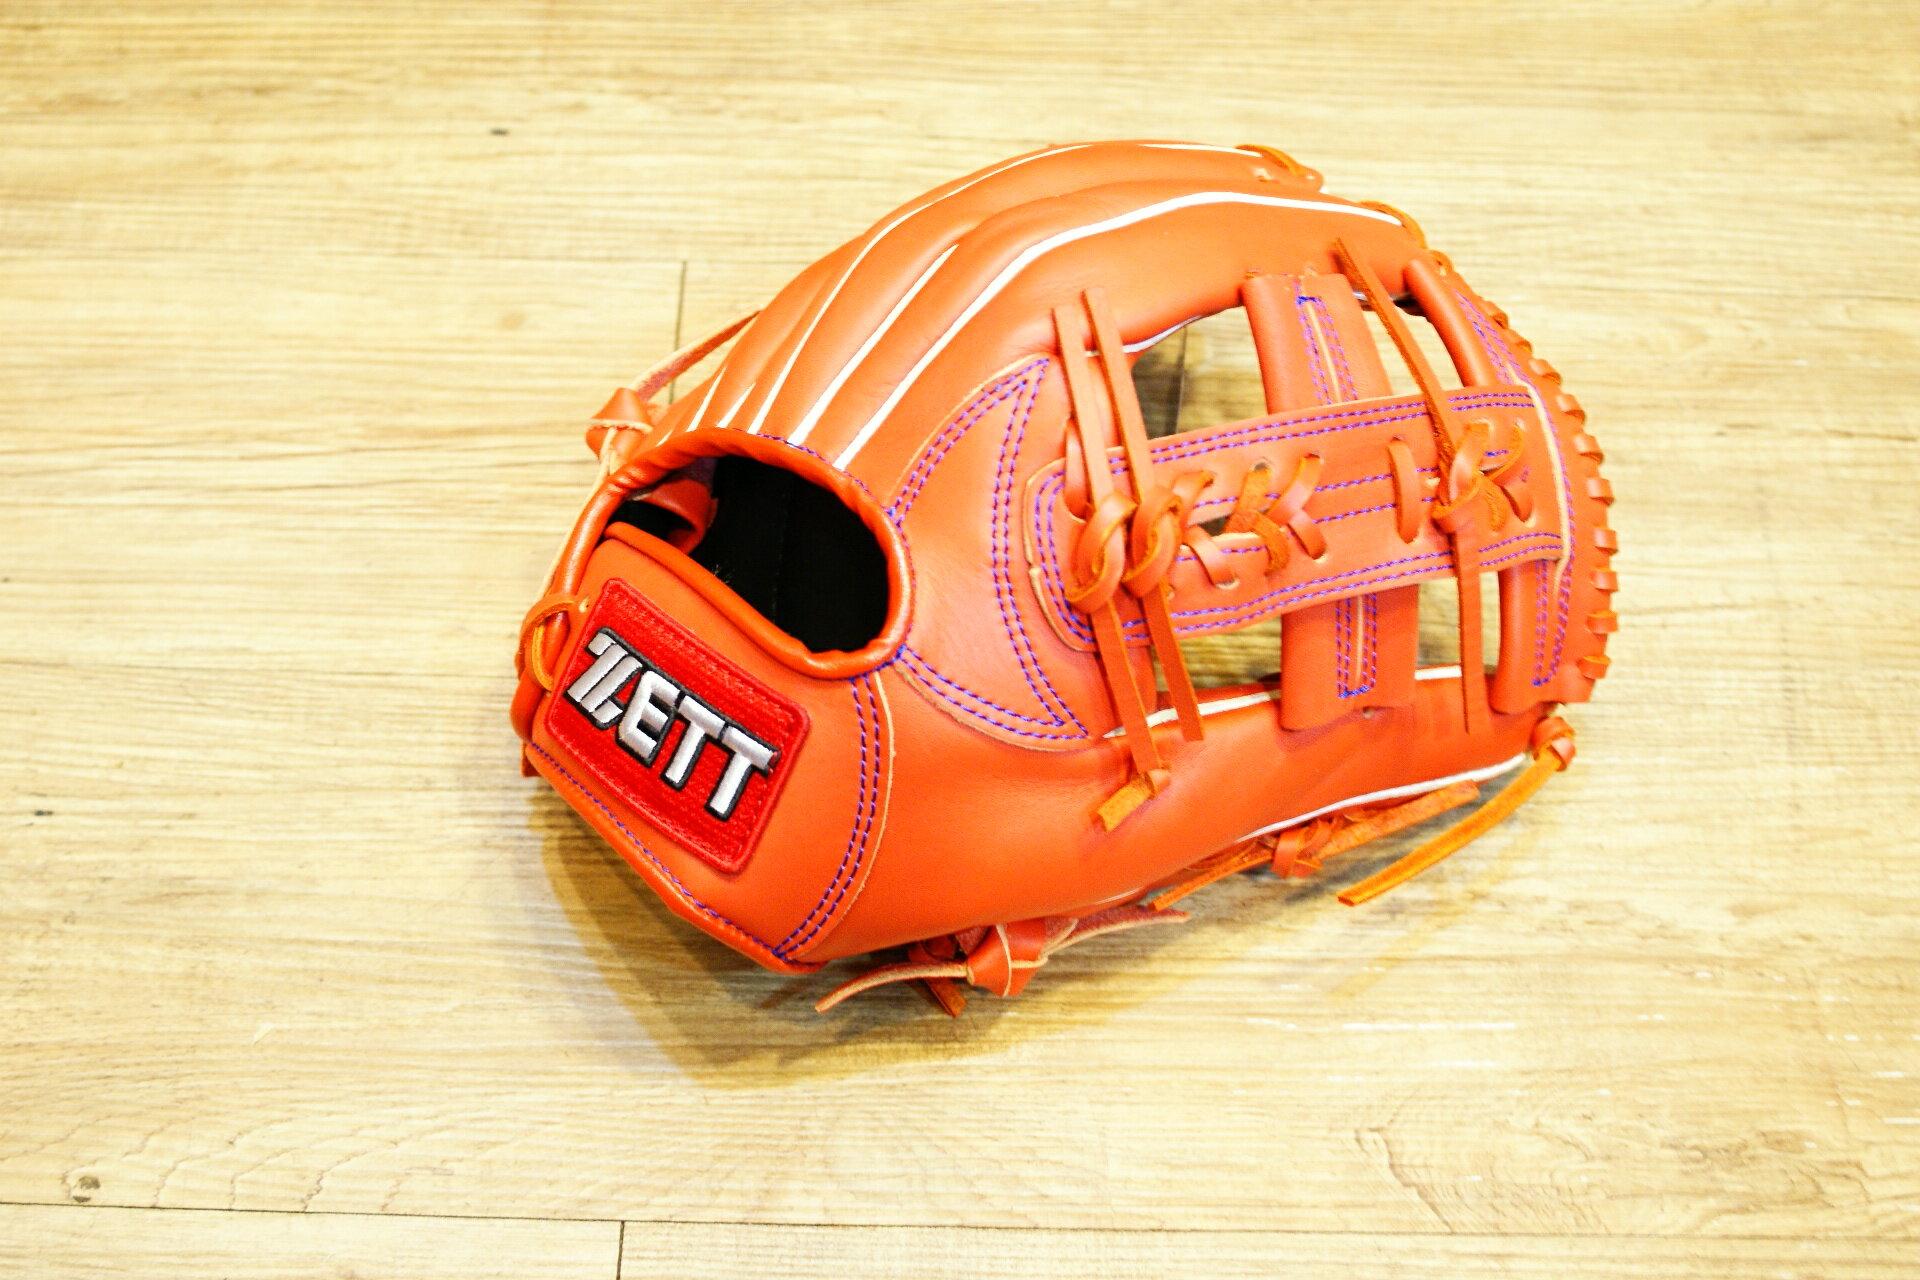 棒球世界 全新ZETT棒壘球內野十字牛皮手套 橘色 特價 加送手套袋 8715系列